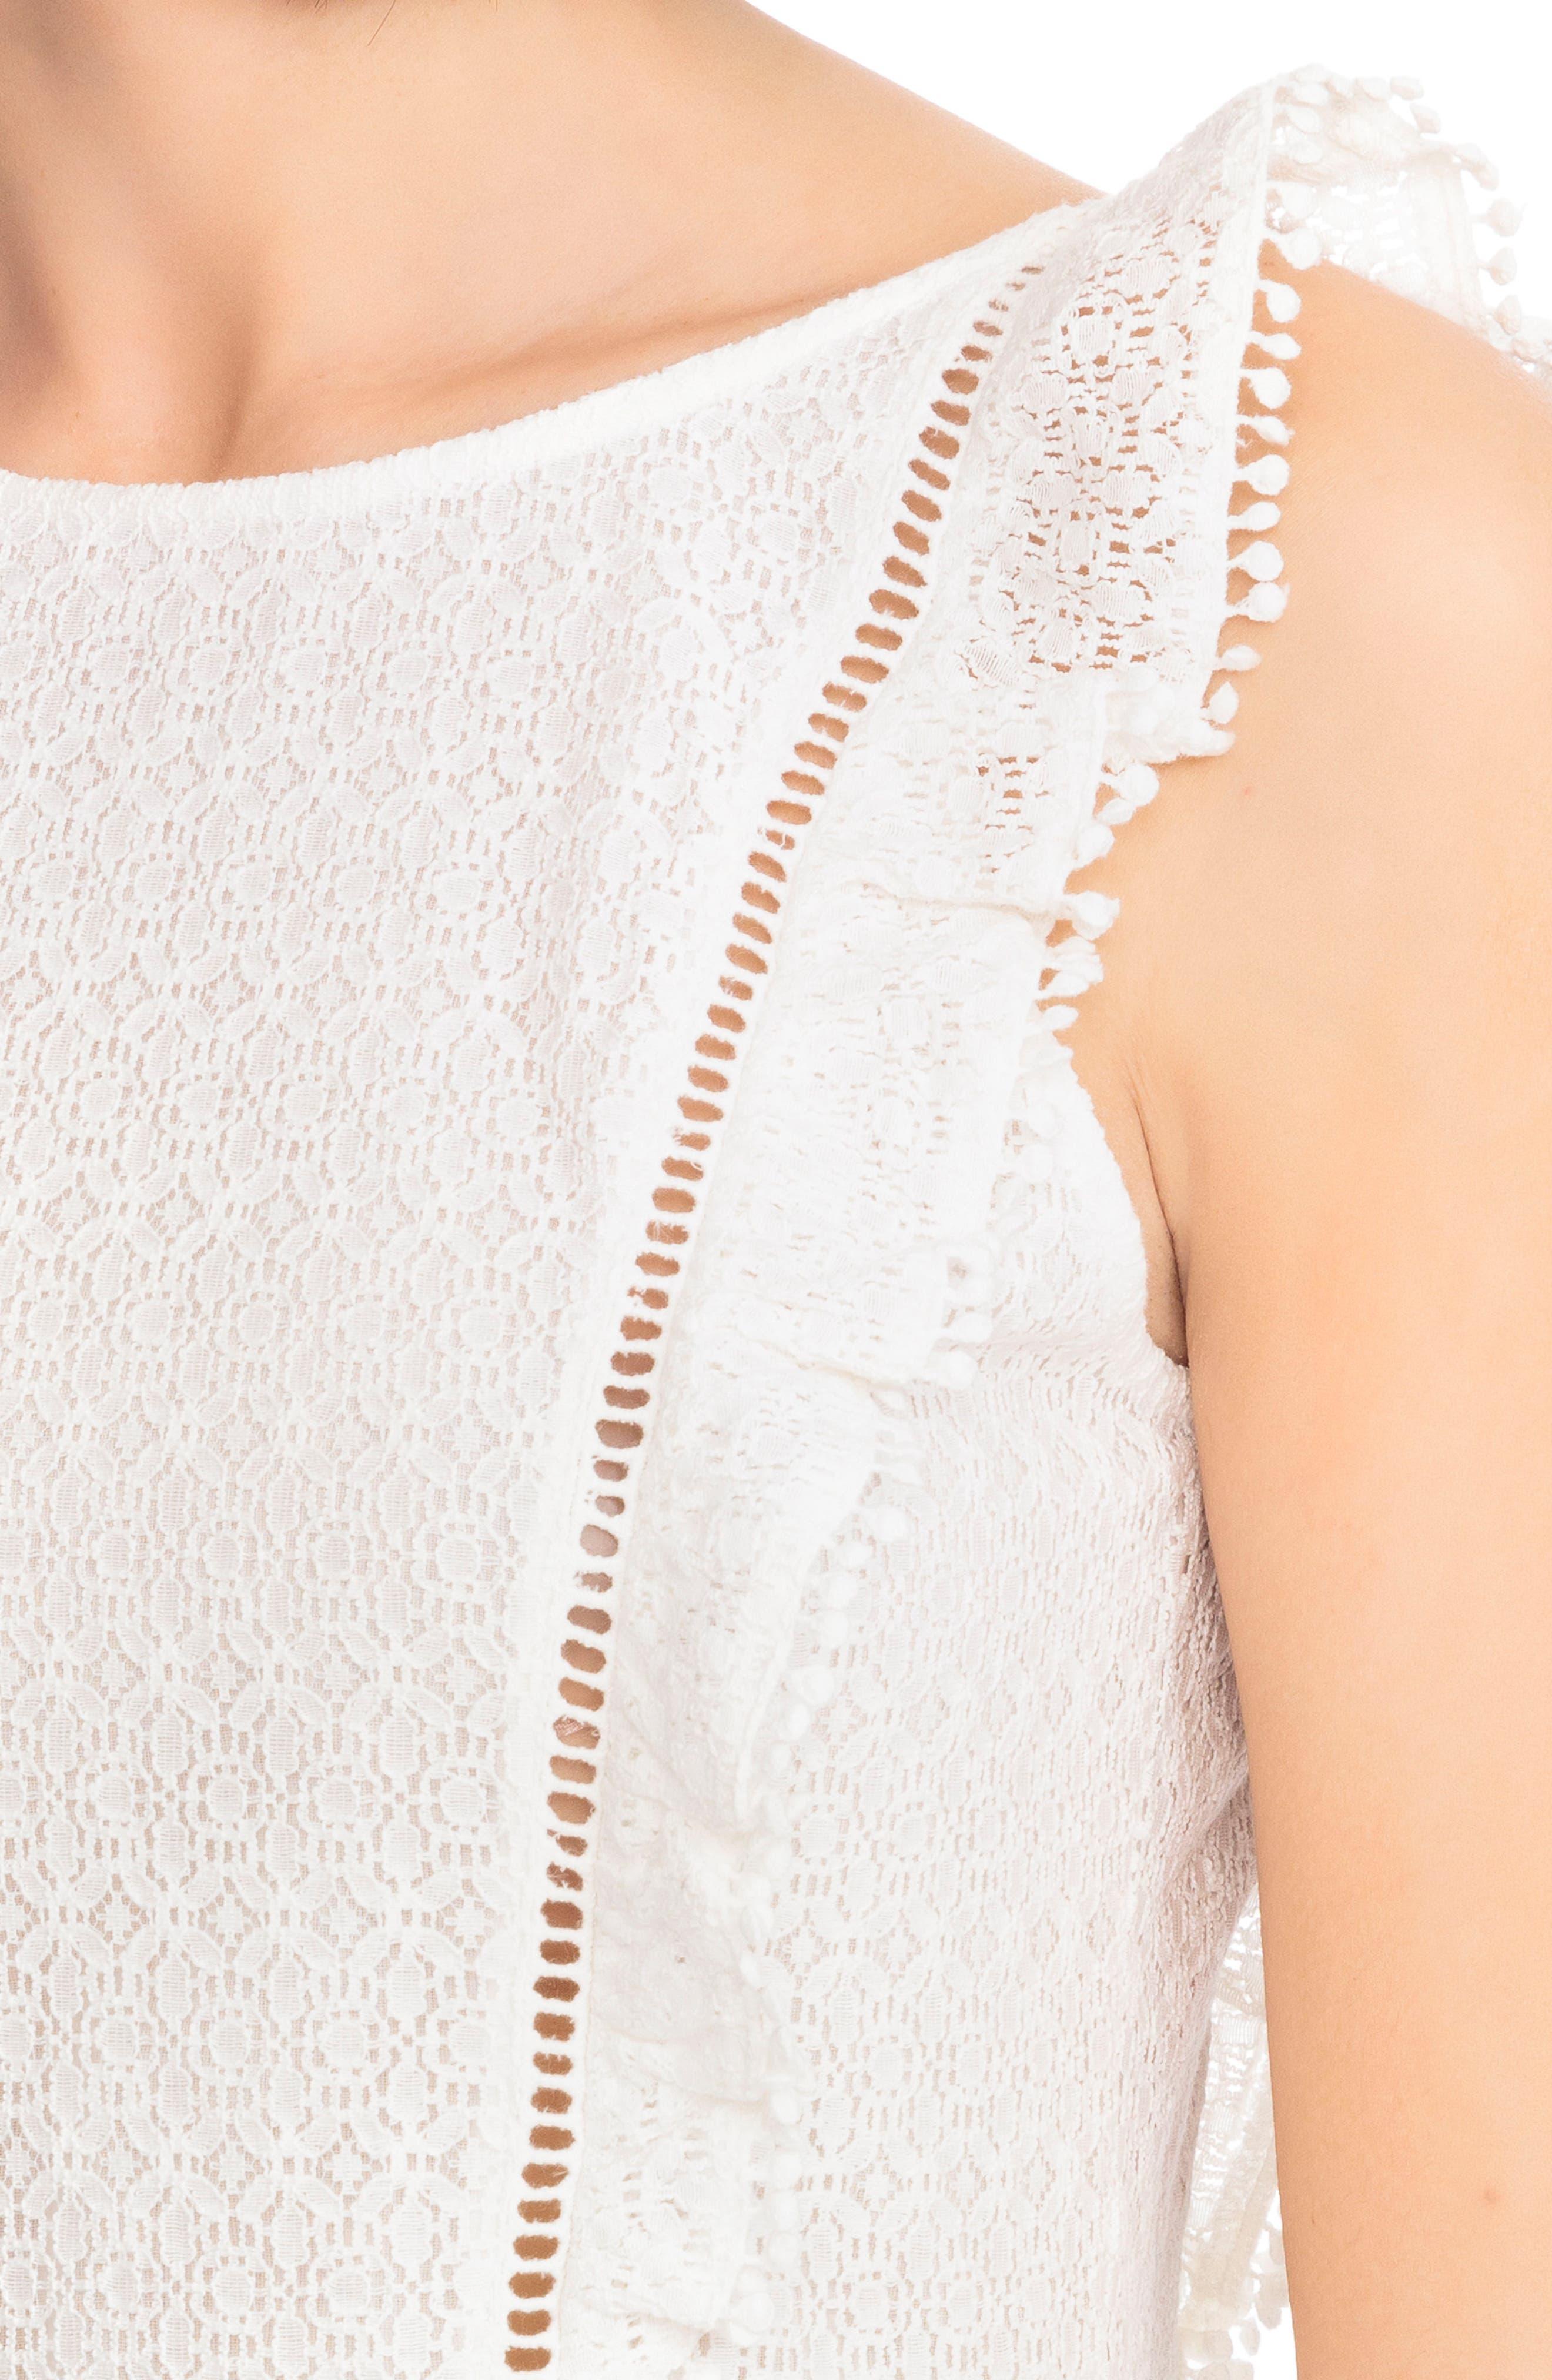 Calie Lace A-Line Dress,                             Alternate thumbnail 4, color,                             Off White